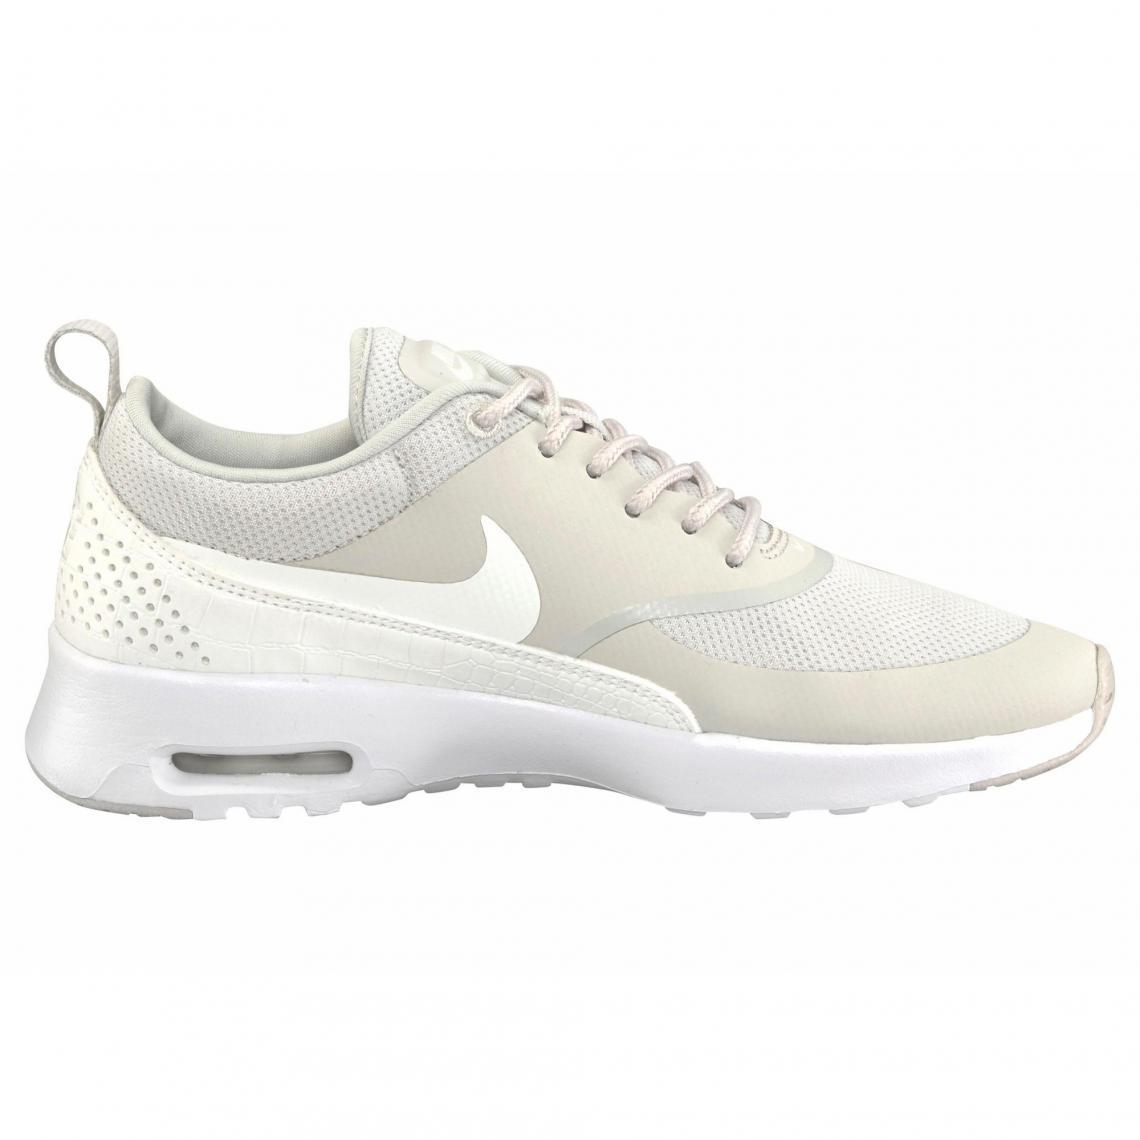 meilleures baskets 32a29 2f43b Nike Air Max Thea chaussures de running femme - Noir | 3 SUISSES